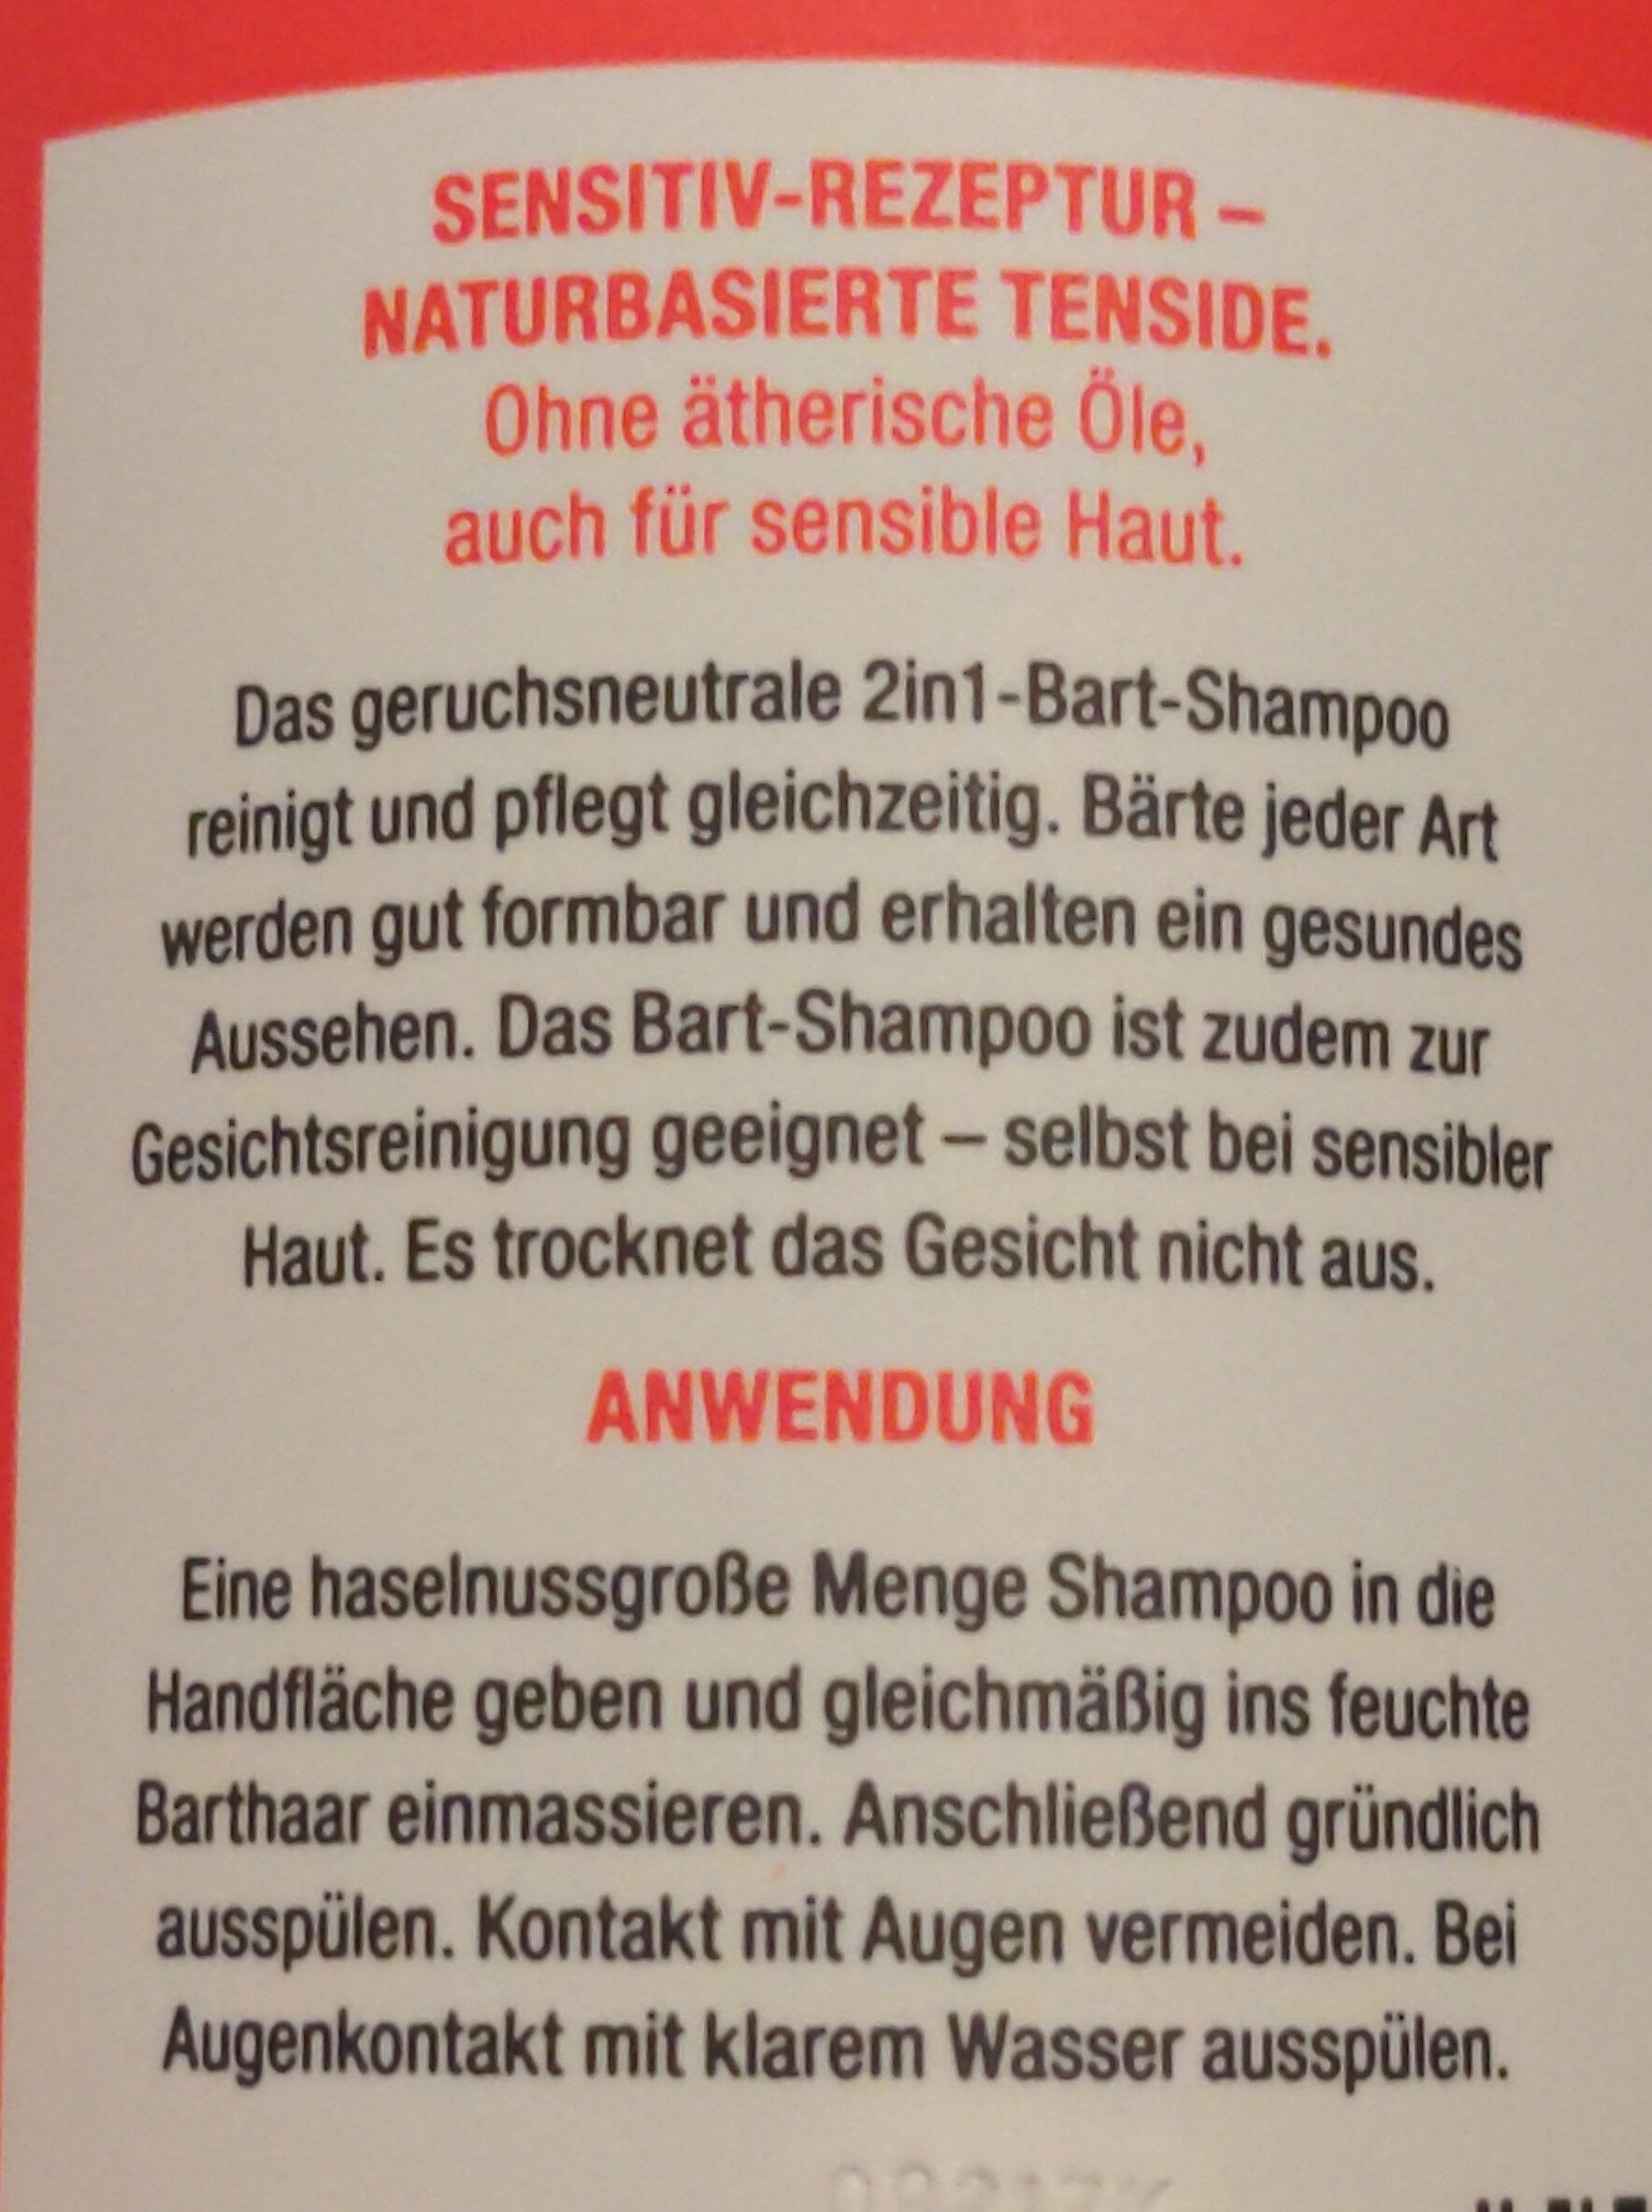 2in1-Bart-Shampoo - Product - en